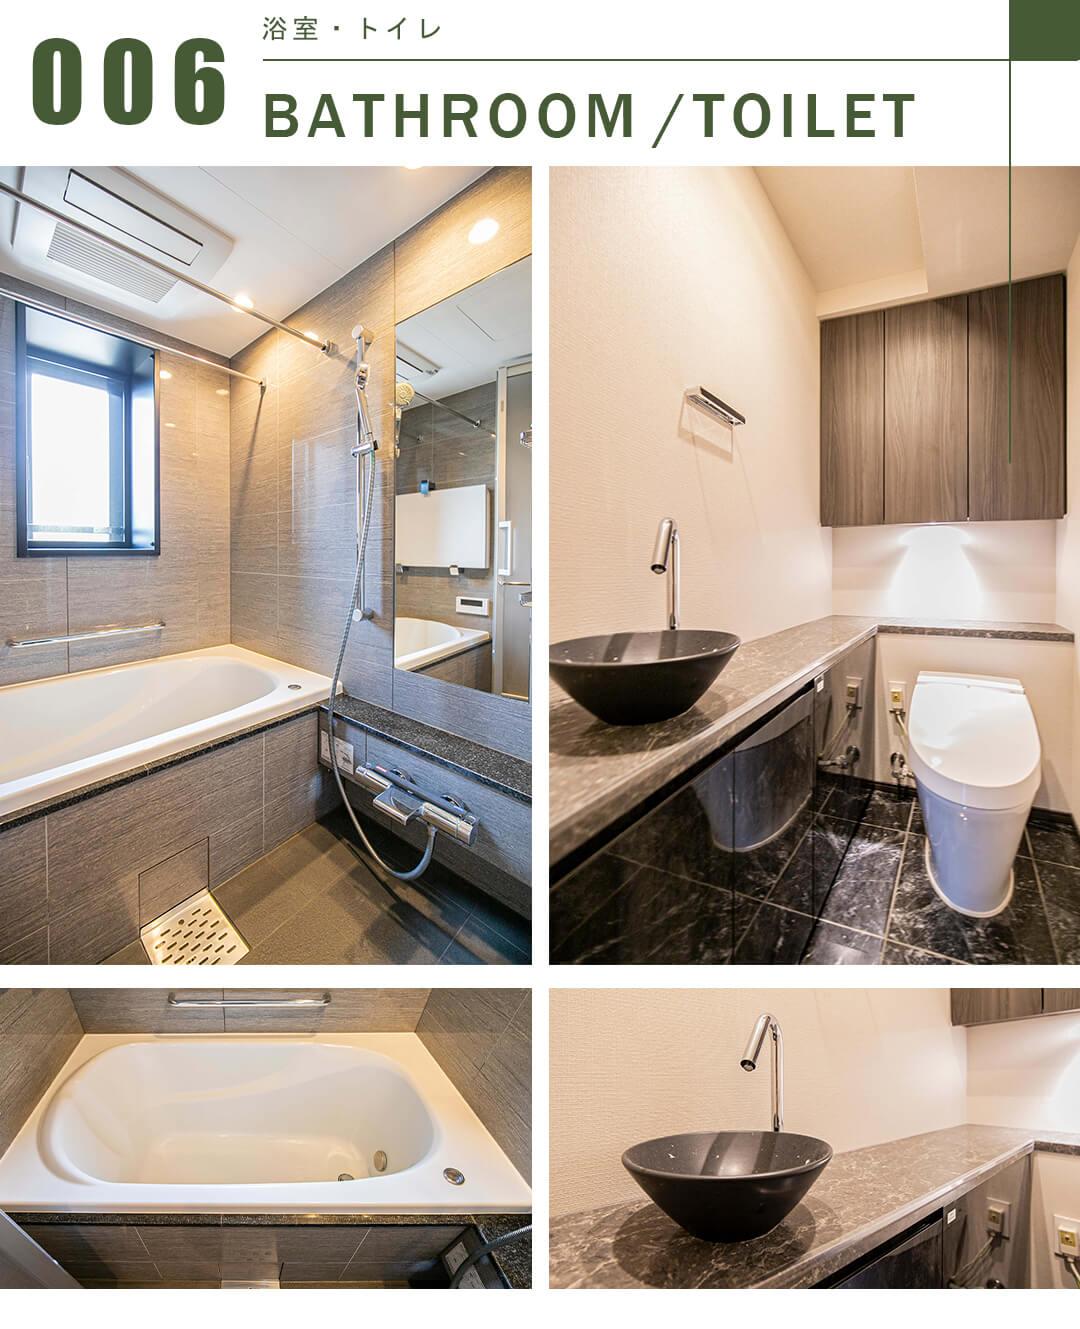 ドゥアージュコラッド松濤の浴室とトイレ